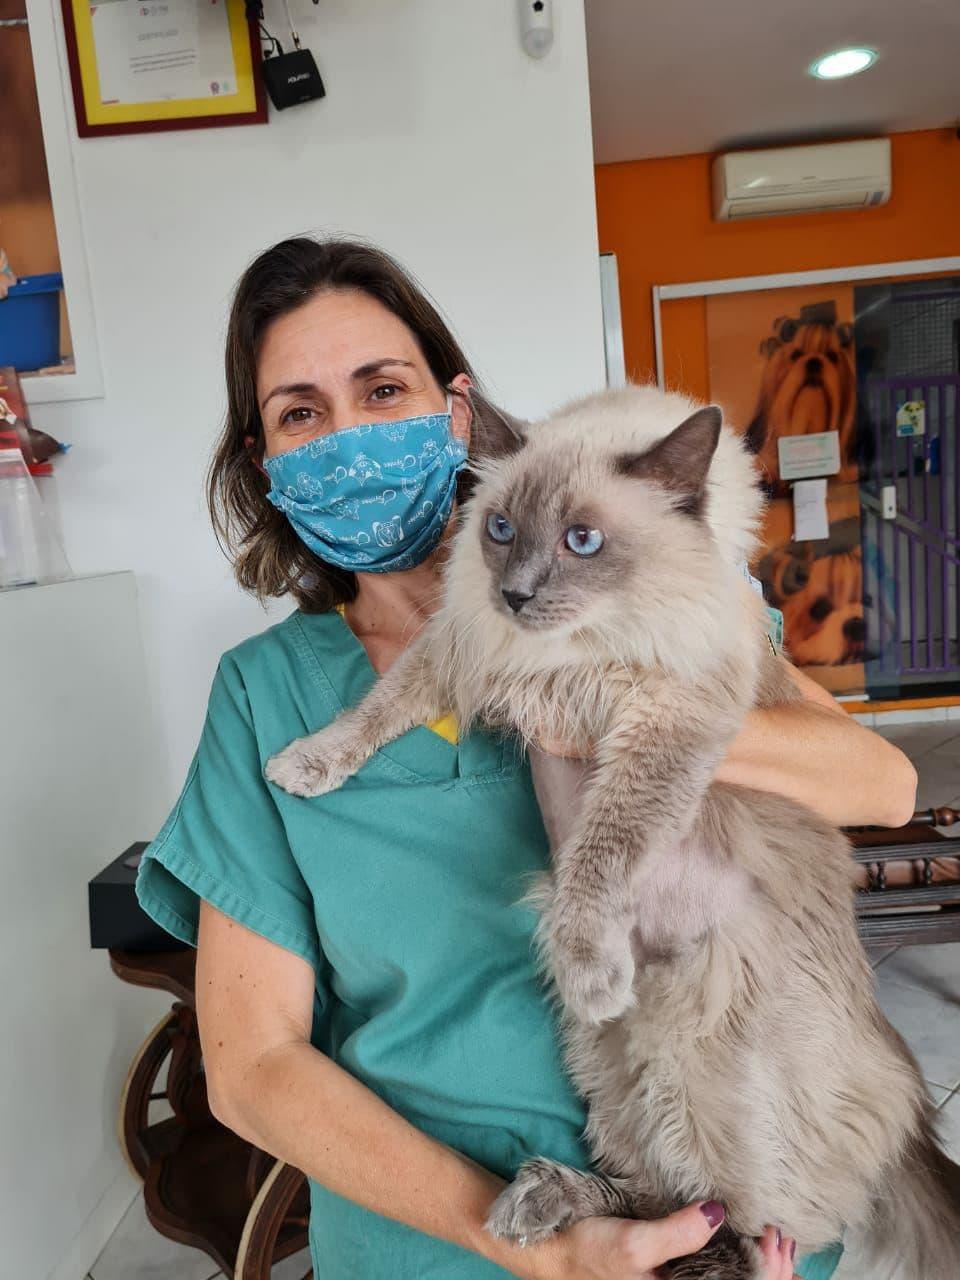 Dermatologia para gatos: tudo o que você precisa saber sobre a saúde da pele e pelo do seu felino - Dermatologista para gatos em São Paulo 3